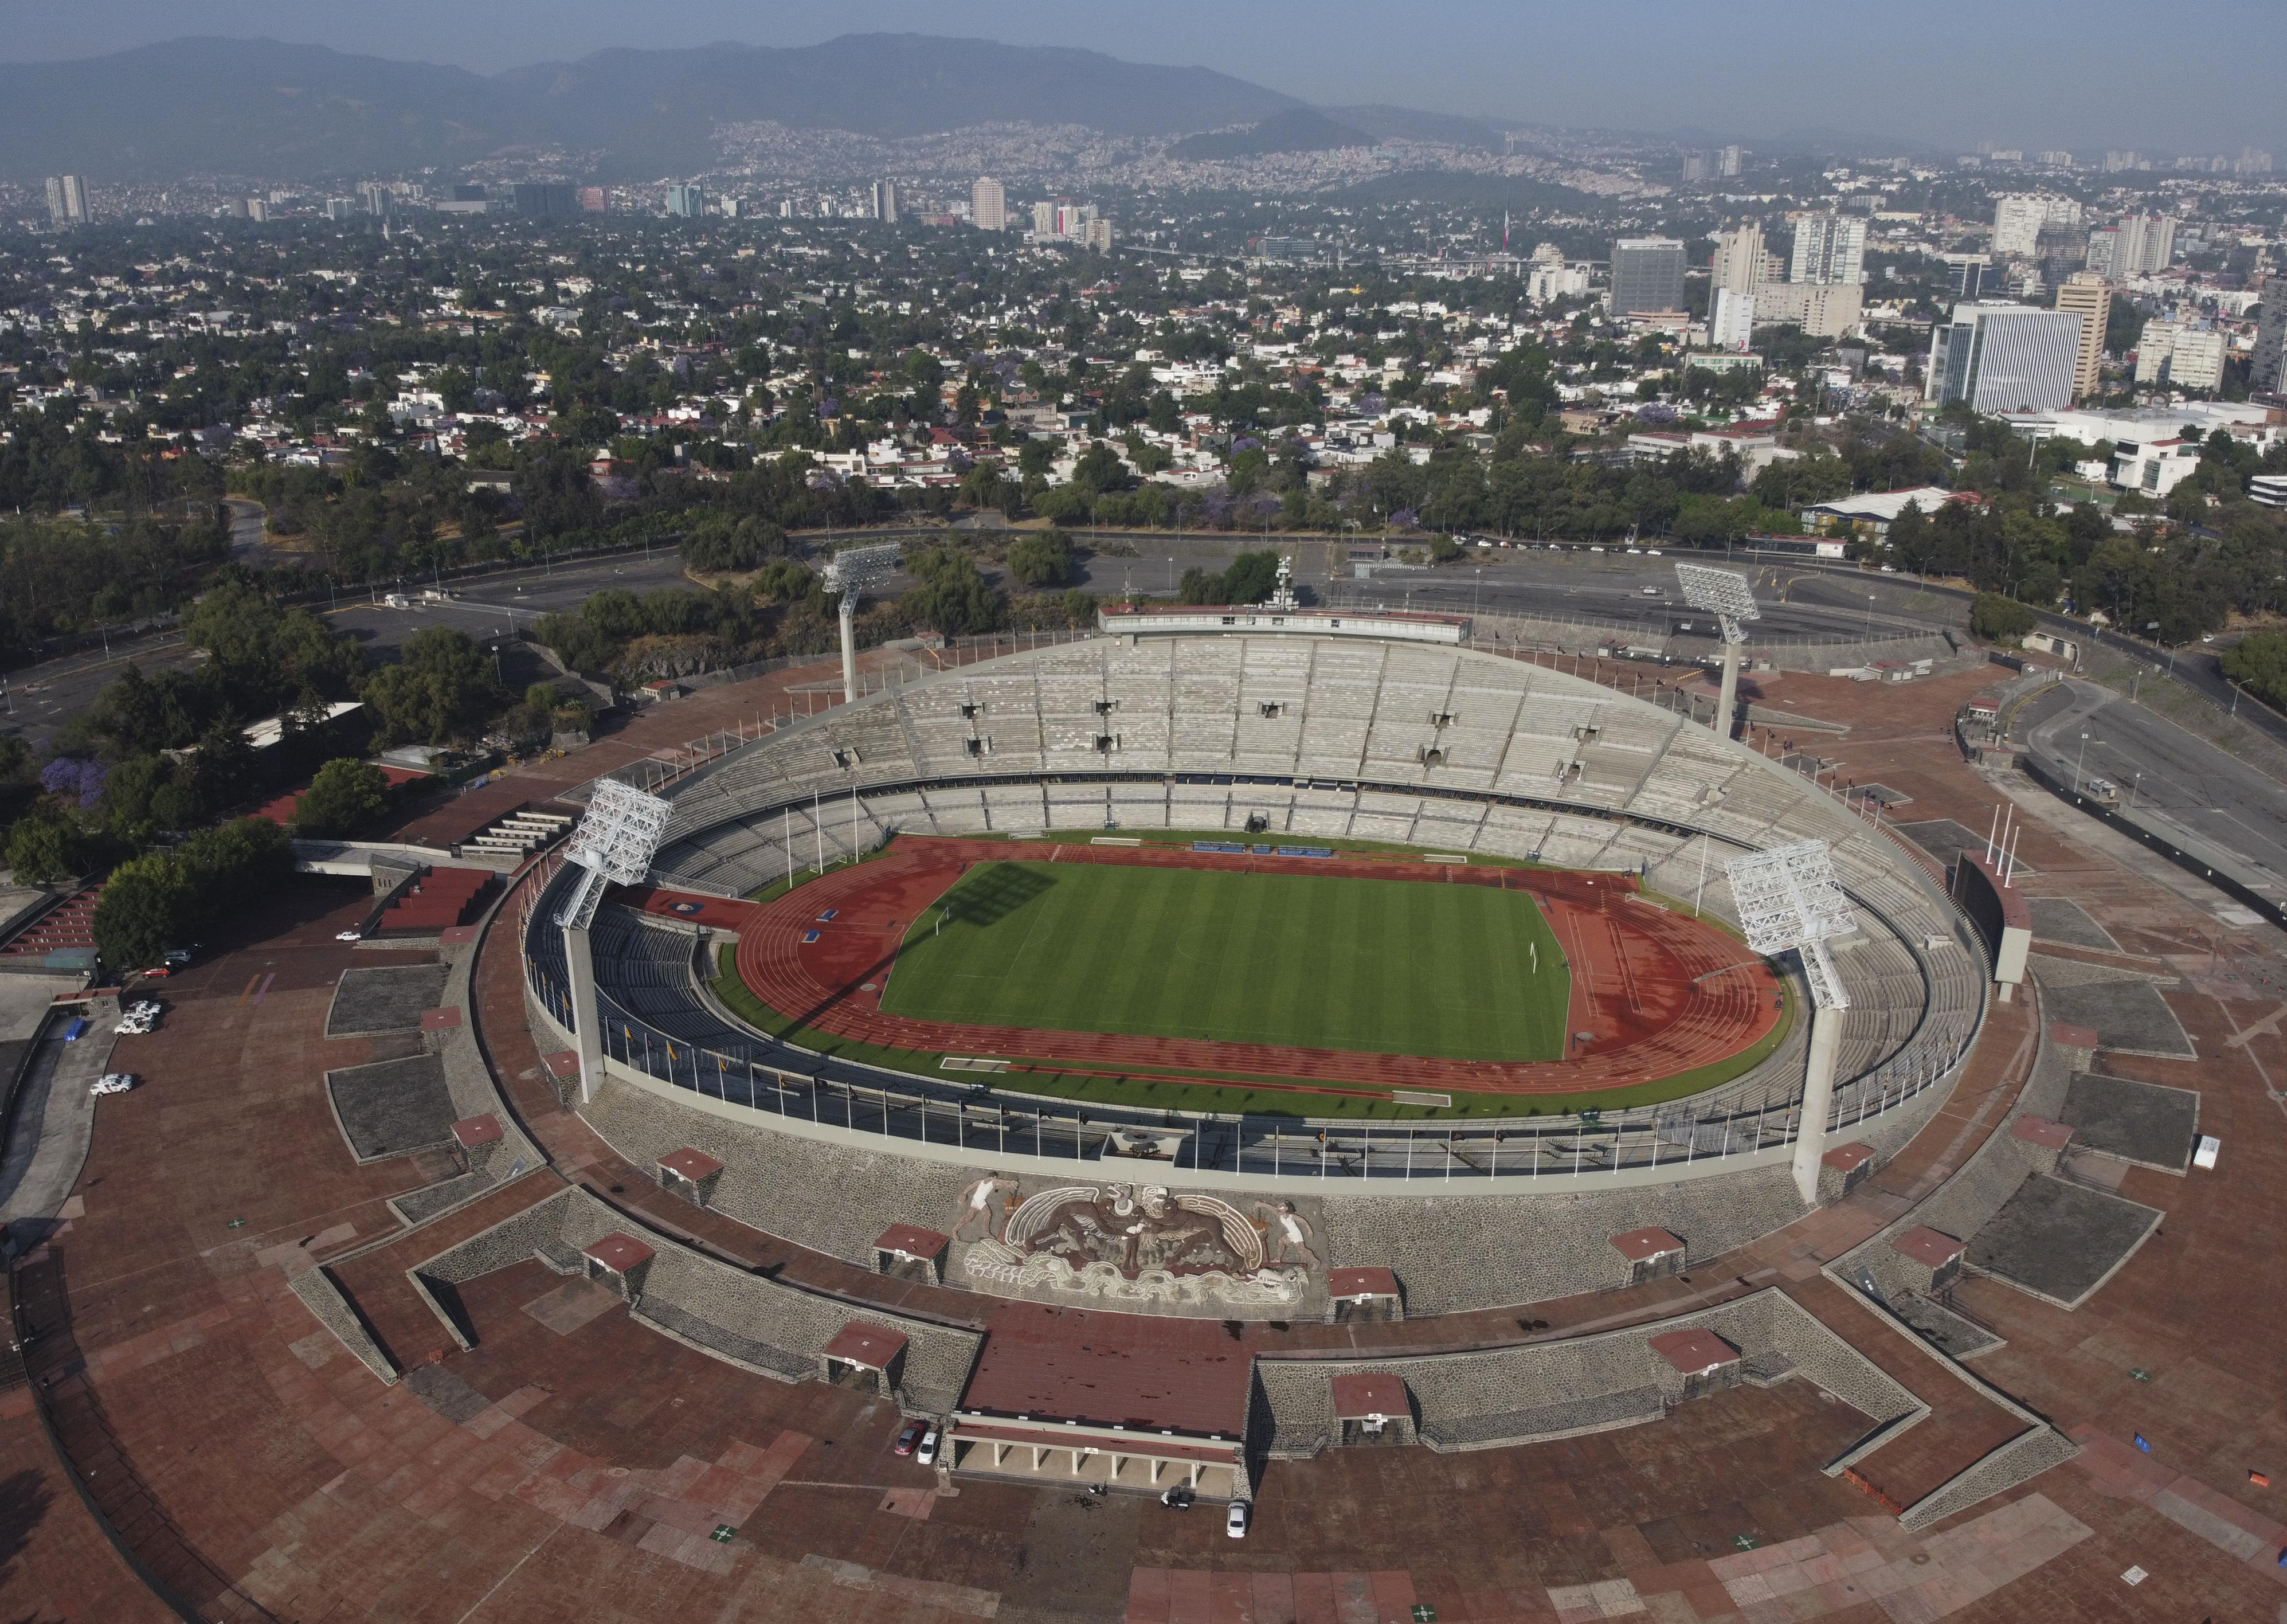 El Estadio Olímpico Universitario en la Ciudad de México, el domingo 22 de marzo de 2020.